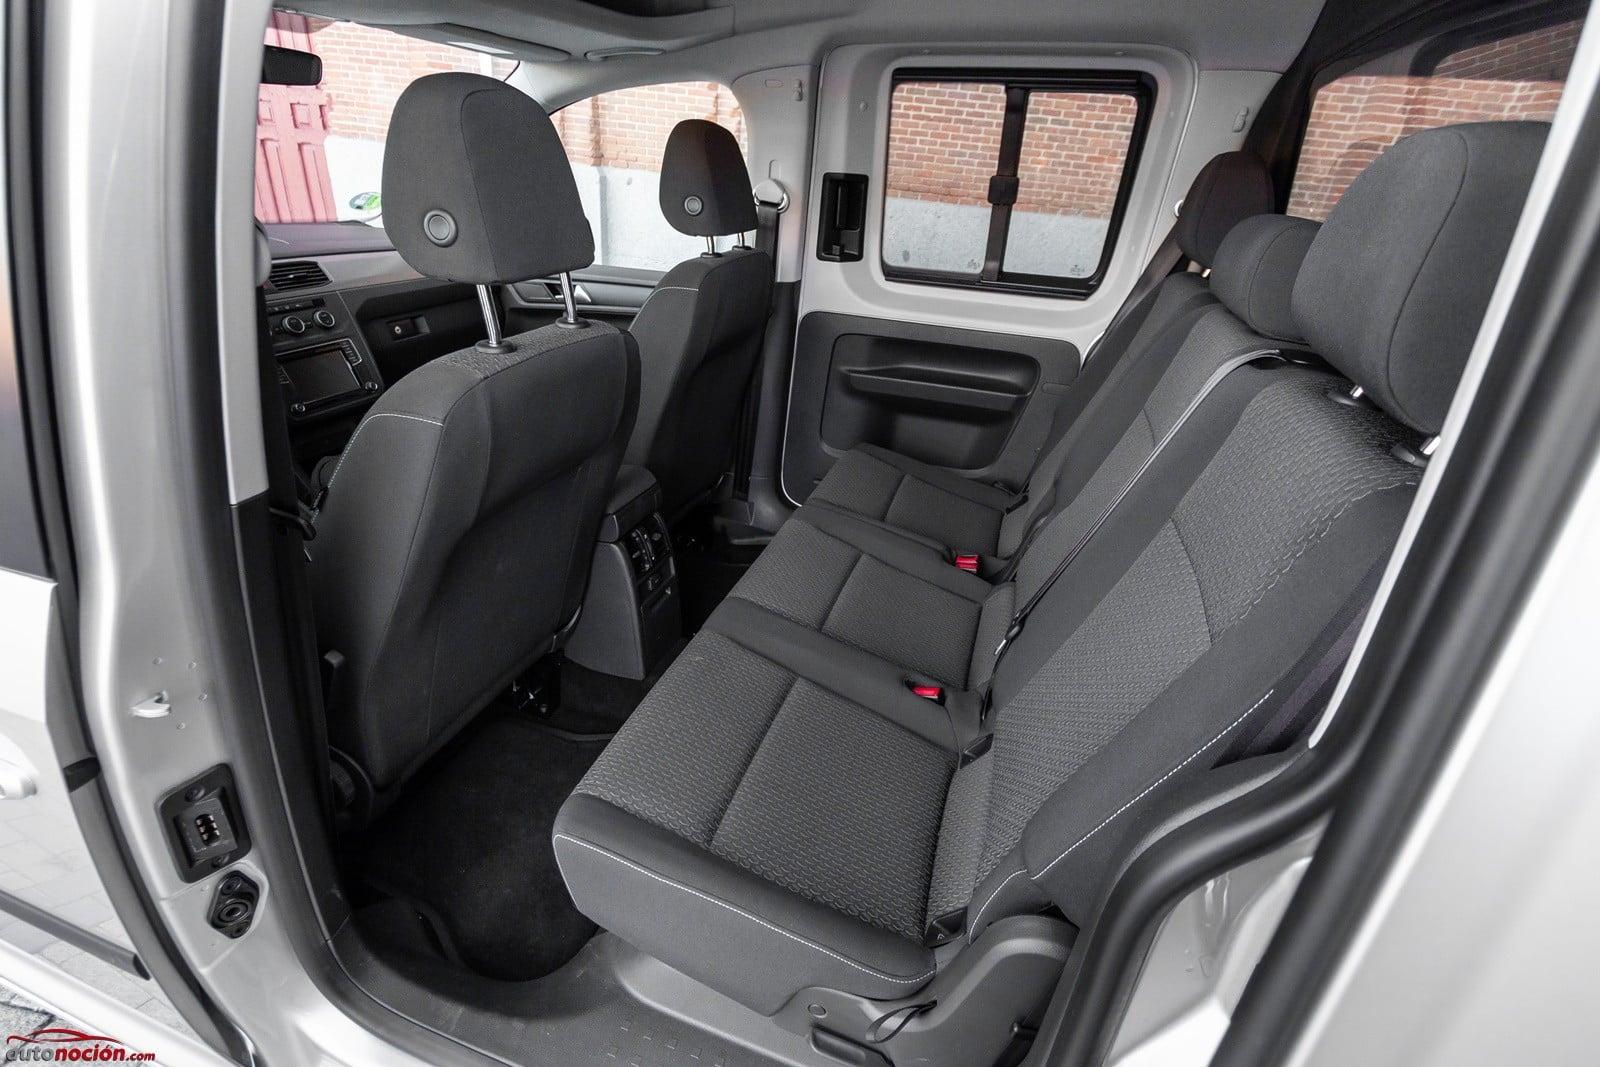 Opinion Y Prueba Volkswagen Caddy Maxi Gnc 110 Cv Dsg 2019